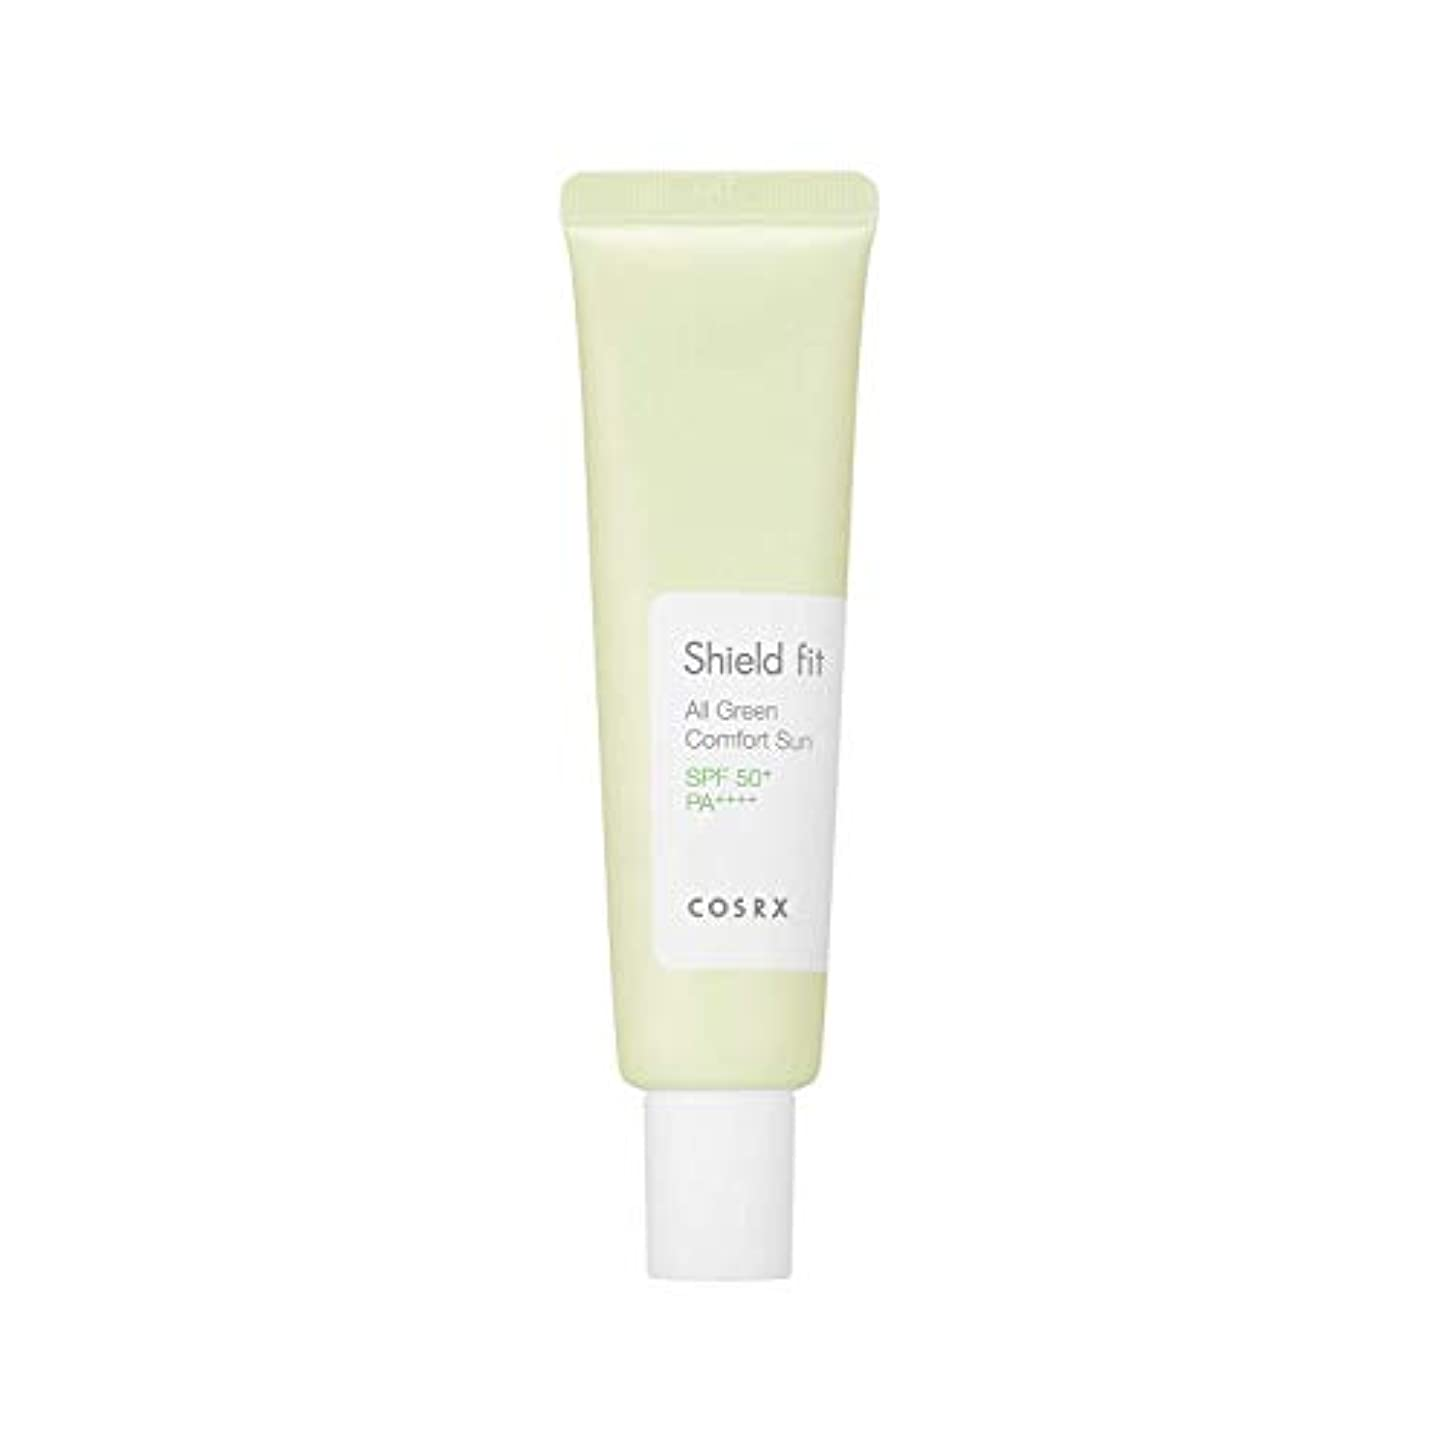 周囲皮肉な遅らせるCOSRX シールドフィットオールグリーンコンフォートサン 35ml SPF50+ PA++++ コースアールエックス Shield Fit All Green Comfort Sun